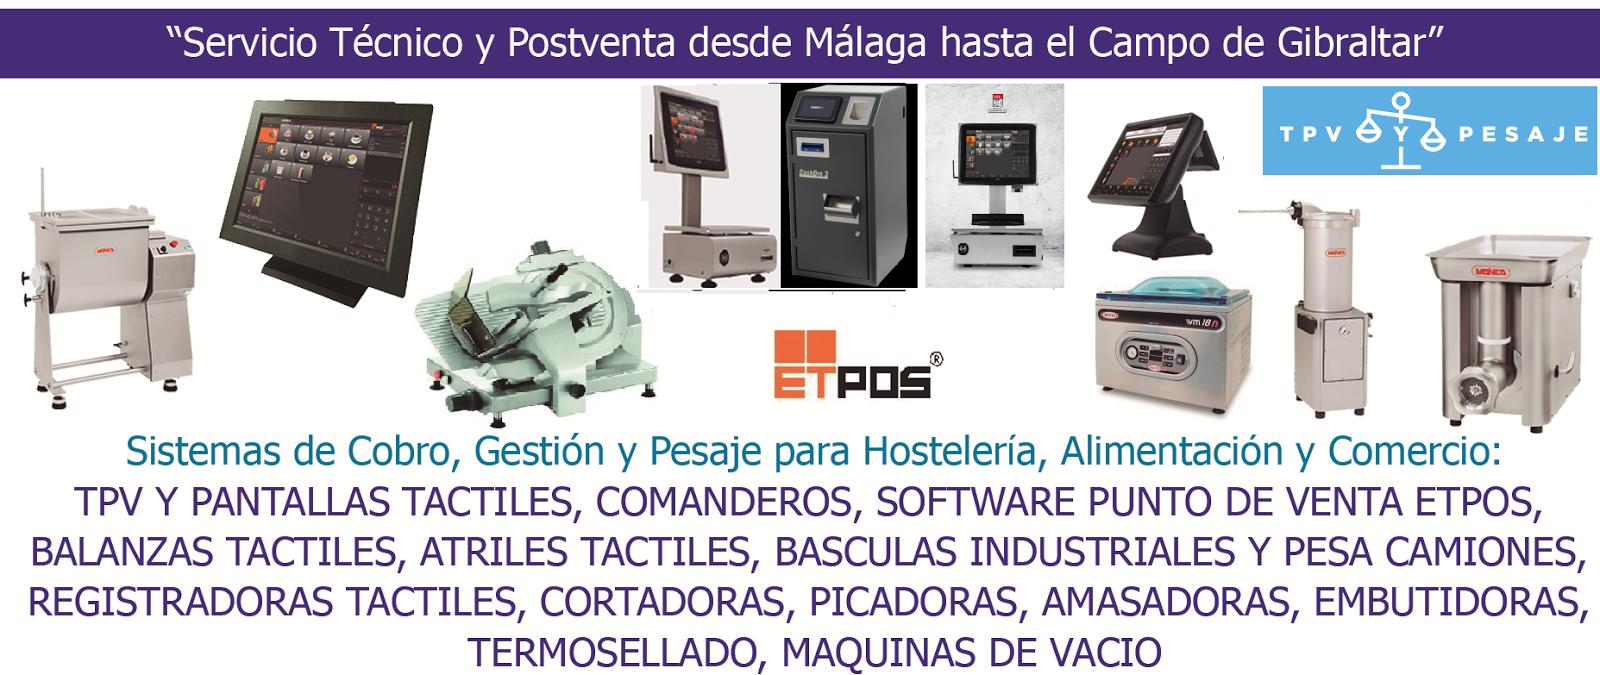 Tpv y Pesaje Málaga - Su socio tecnológico.